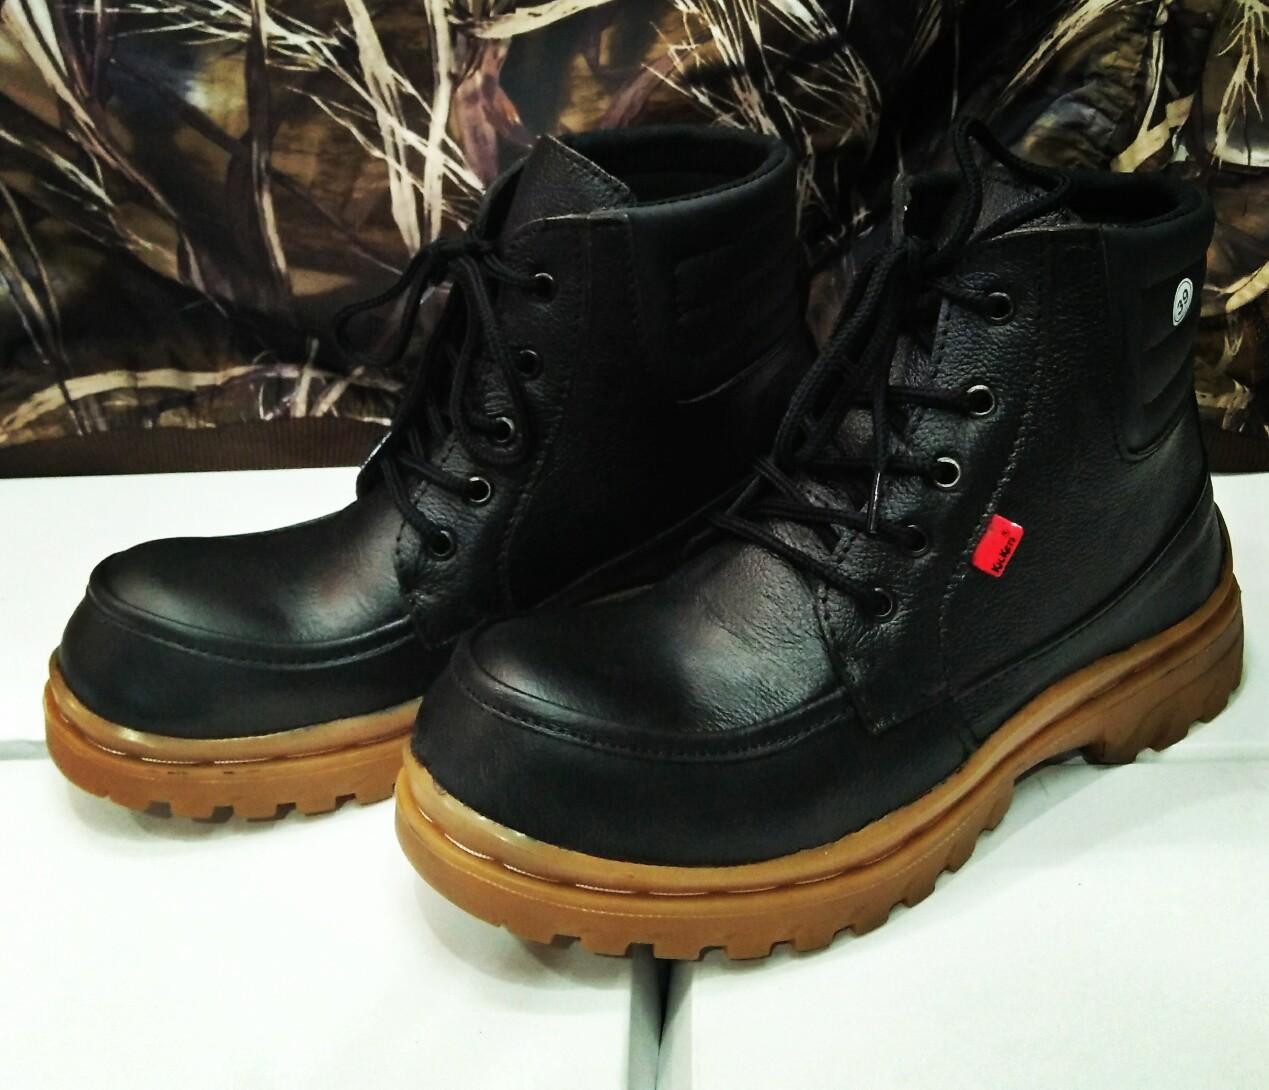 jual sepatu boot seafty kulit di bandung 085720401118 53b5e79c4b